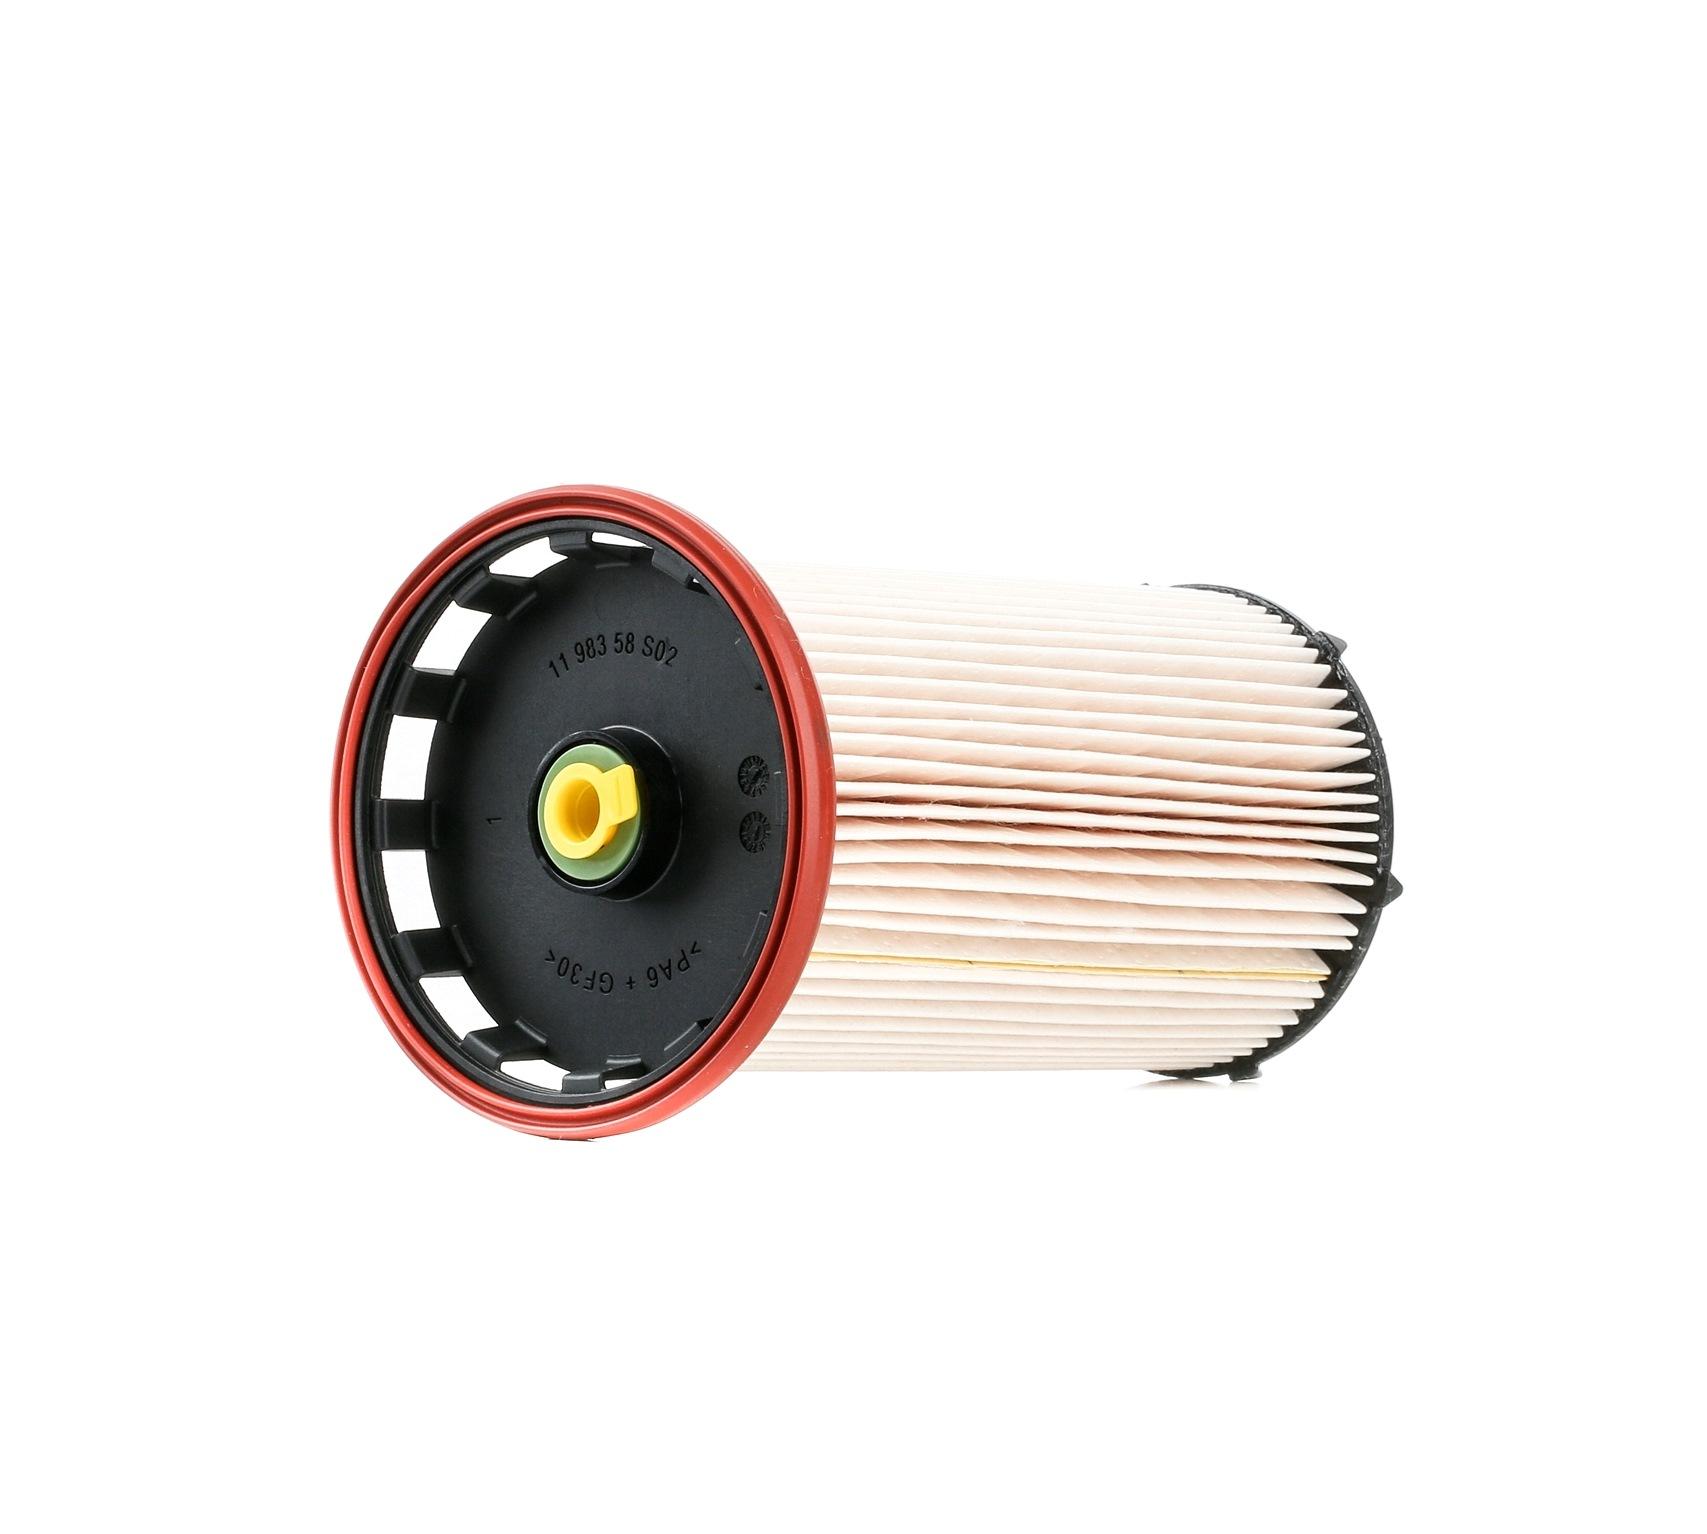 Palivový filtr PU 8028 s vynikajícím poměrem mezi cenou a MANN-FILTER kvalitou